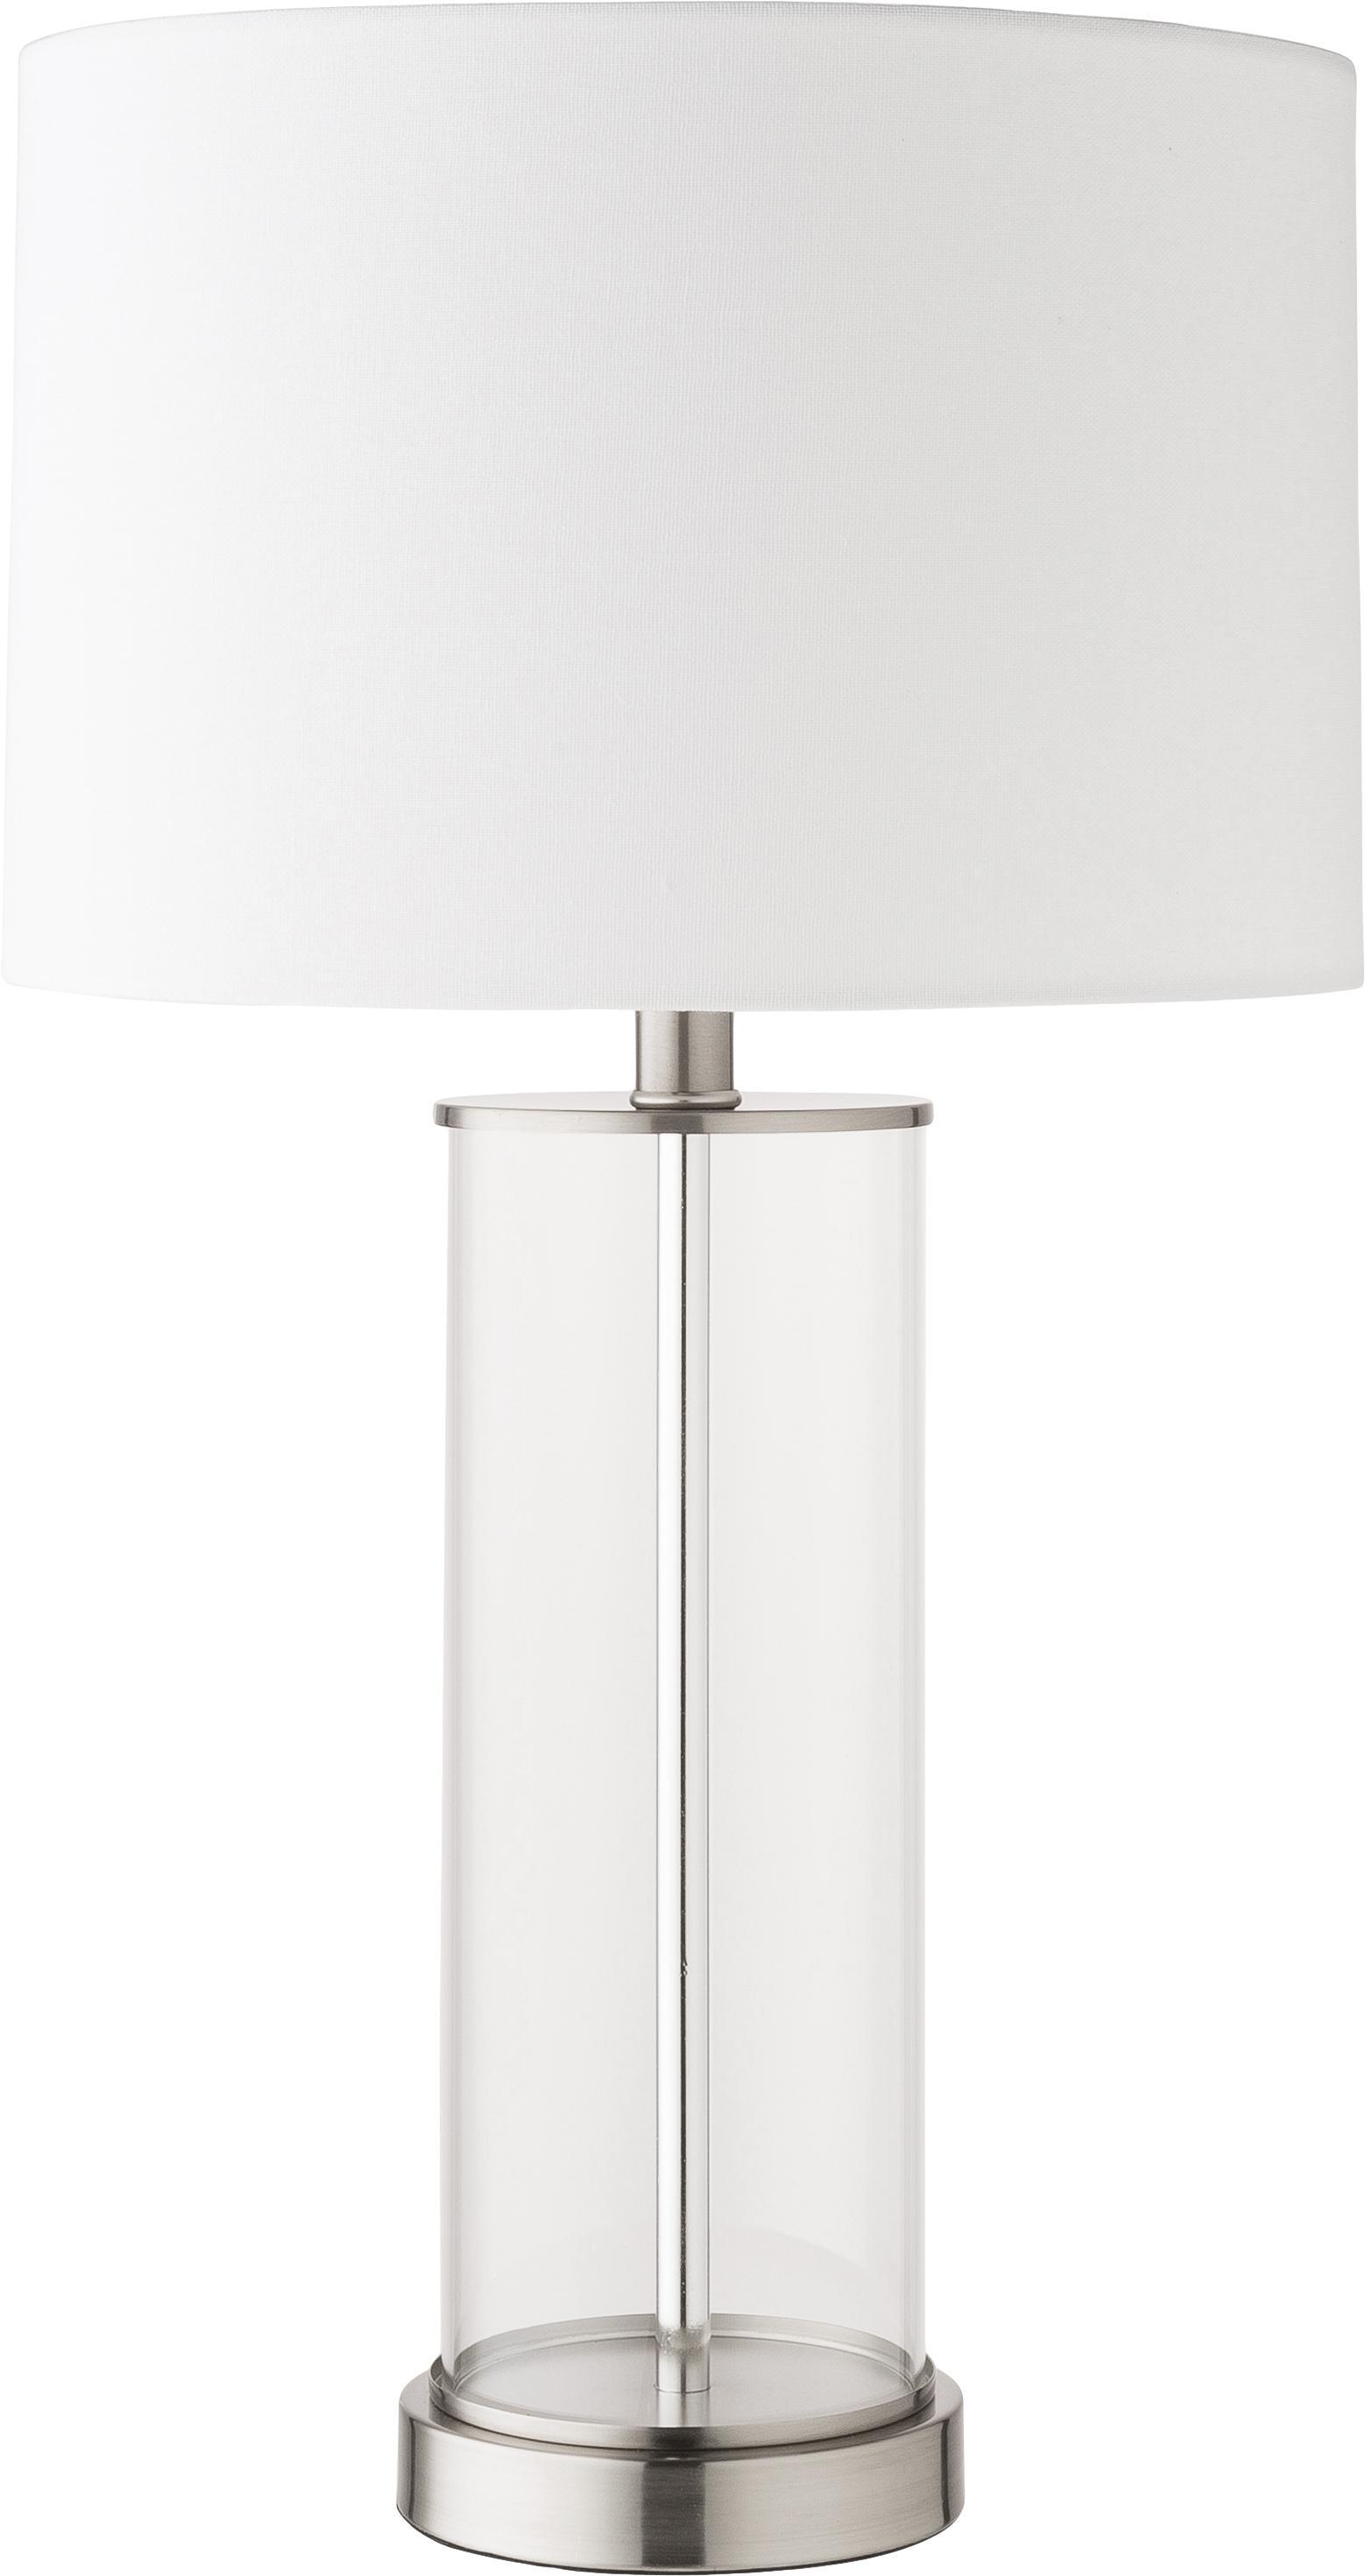 Grosse Tischlampe Abigail aus Glas und Leinen, Lampenschirm: Leinen, Sockel: Metall, vernickelt, Nickel, Ø 32 x H 61 cm